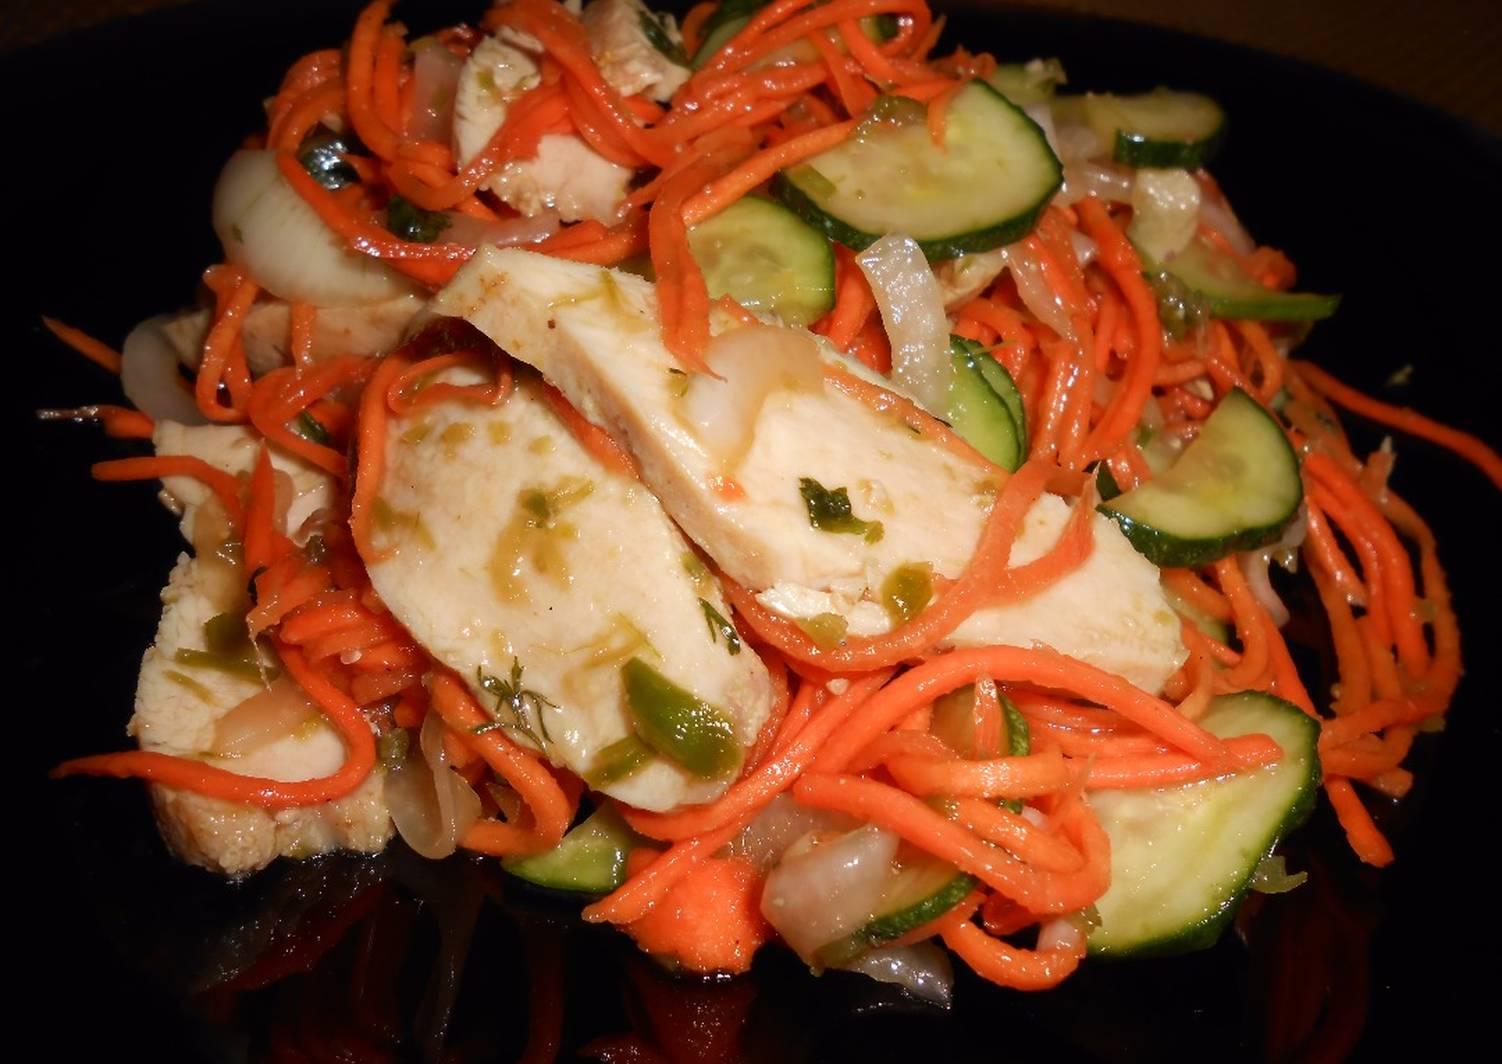 рецепты корейских салатов с фотографиями маловато конечно